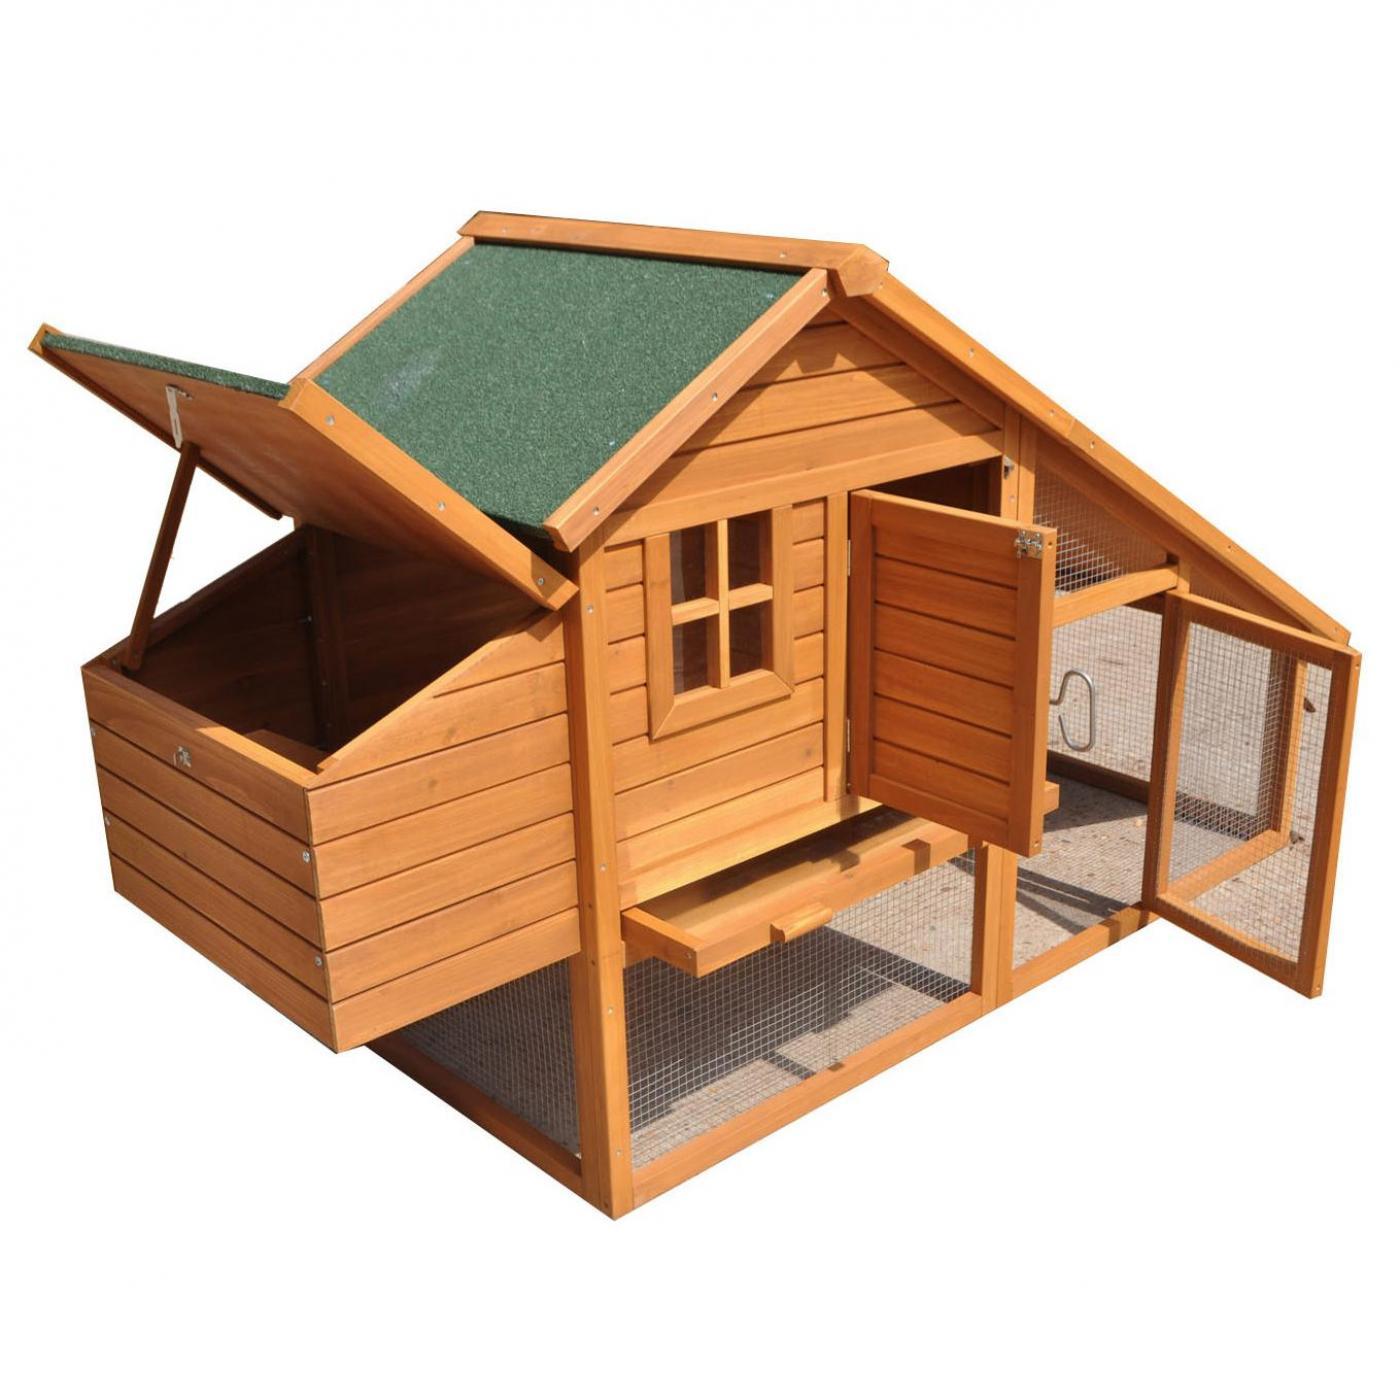 #AE521E Galinheiro de madeira Ámsterdam por €189 95 em Planeta Huerto 1400x1400 px como construir um rack de madeira @ bernauer.info Móveis Antigos Novos E Usados Online